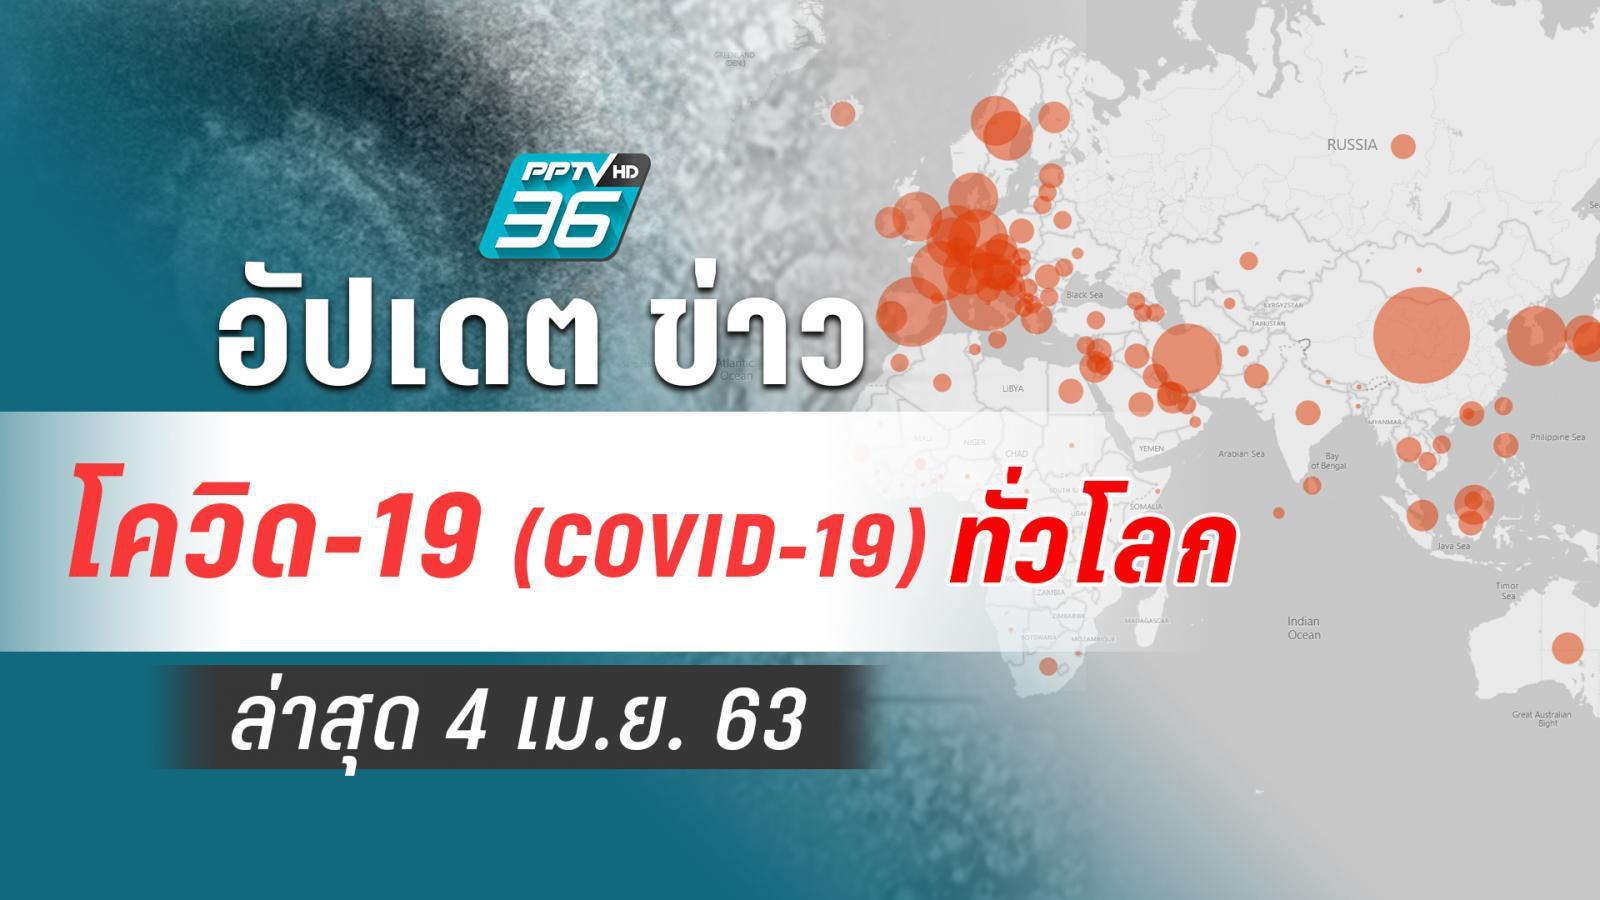 อัปเดตข่าว สถานการณ์ โควิด-19 ทั่วโลก ล่าสุด  4 เม.ย. 63